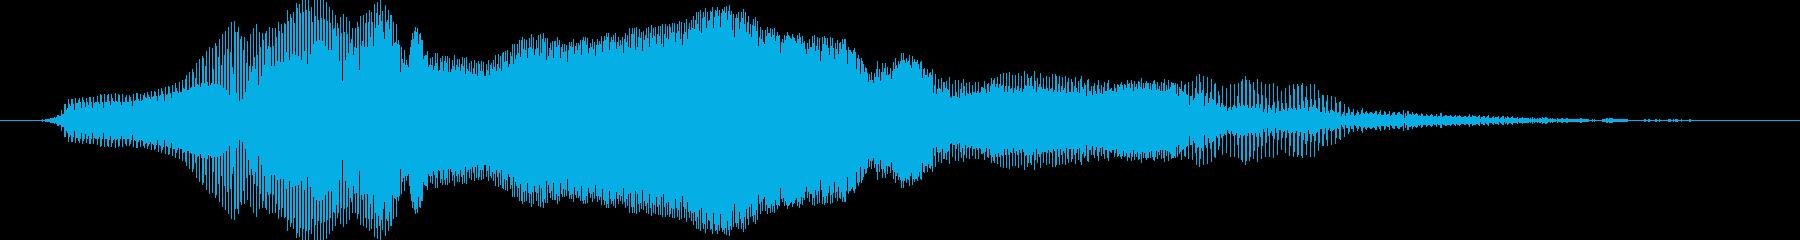 ウワーオ(無加工)【セクシー、ギャグ】の再生済みの波形